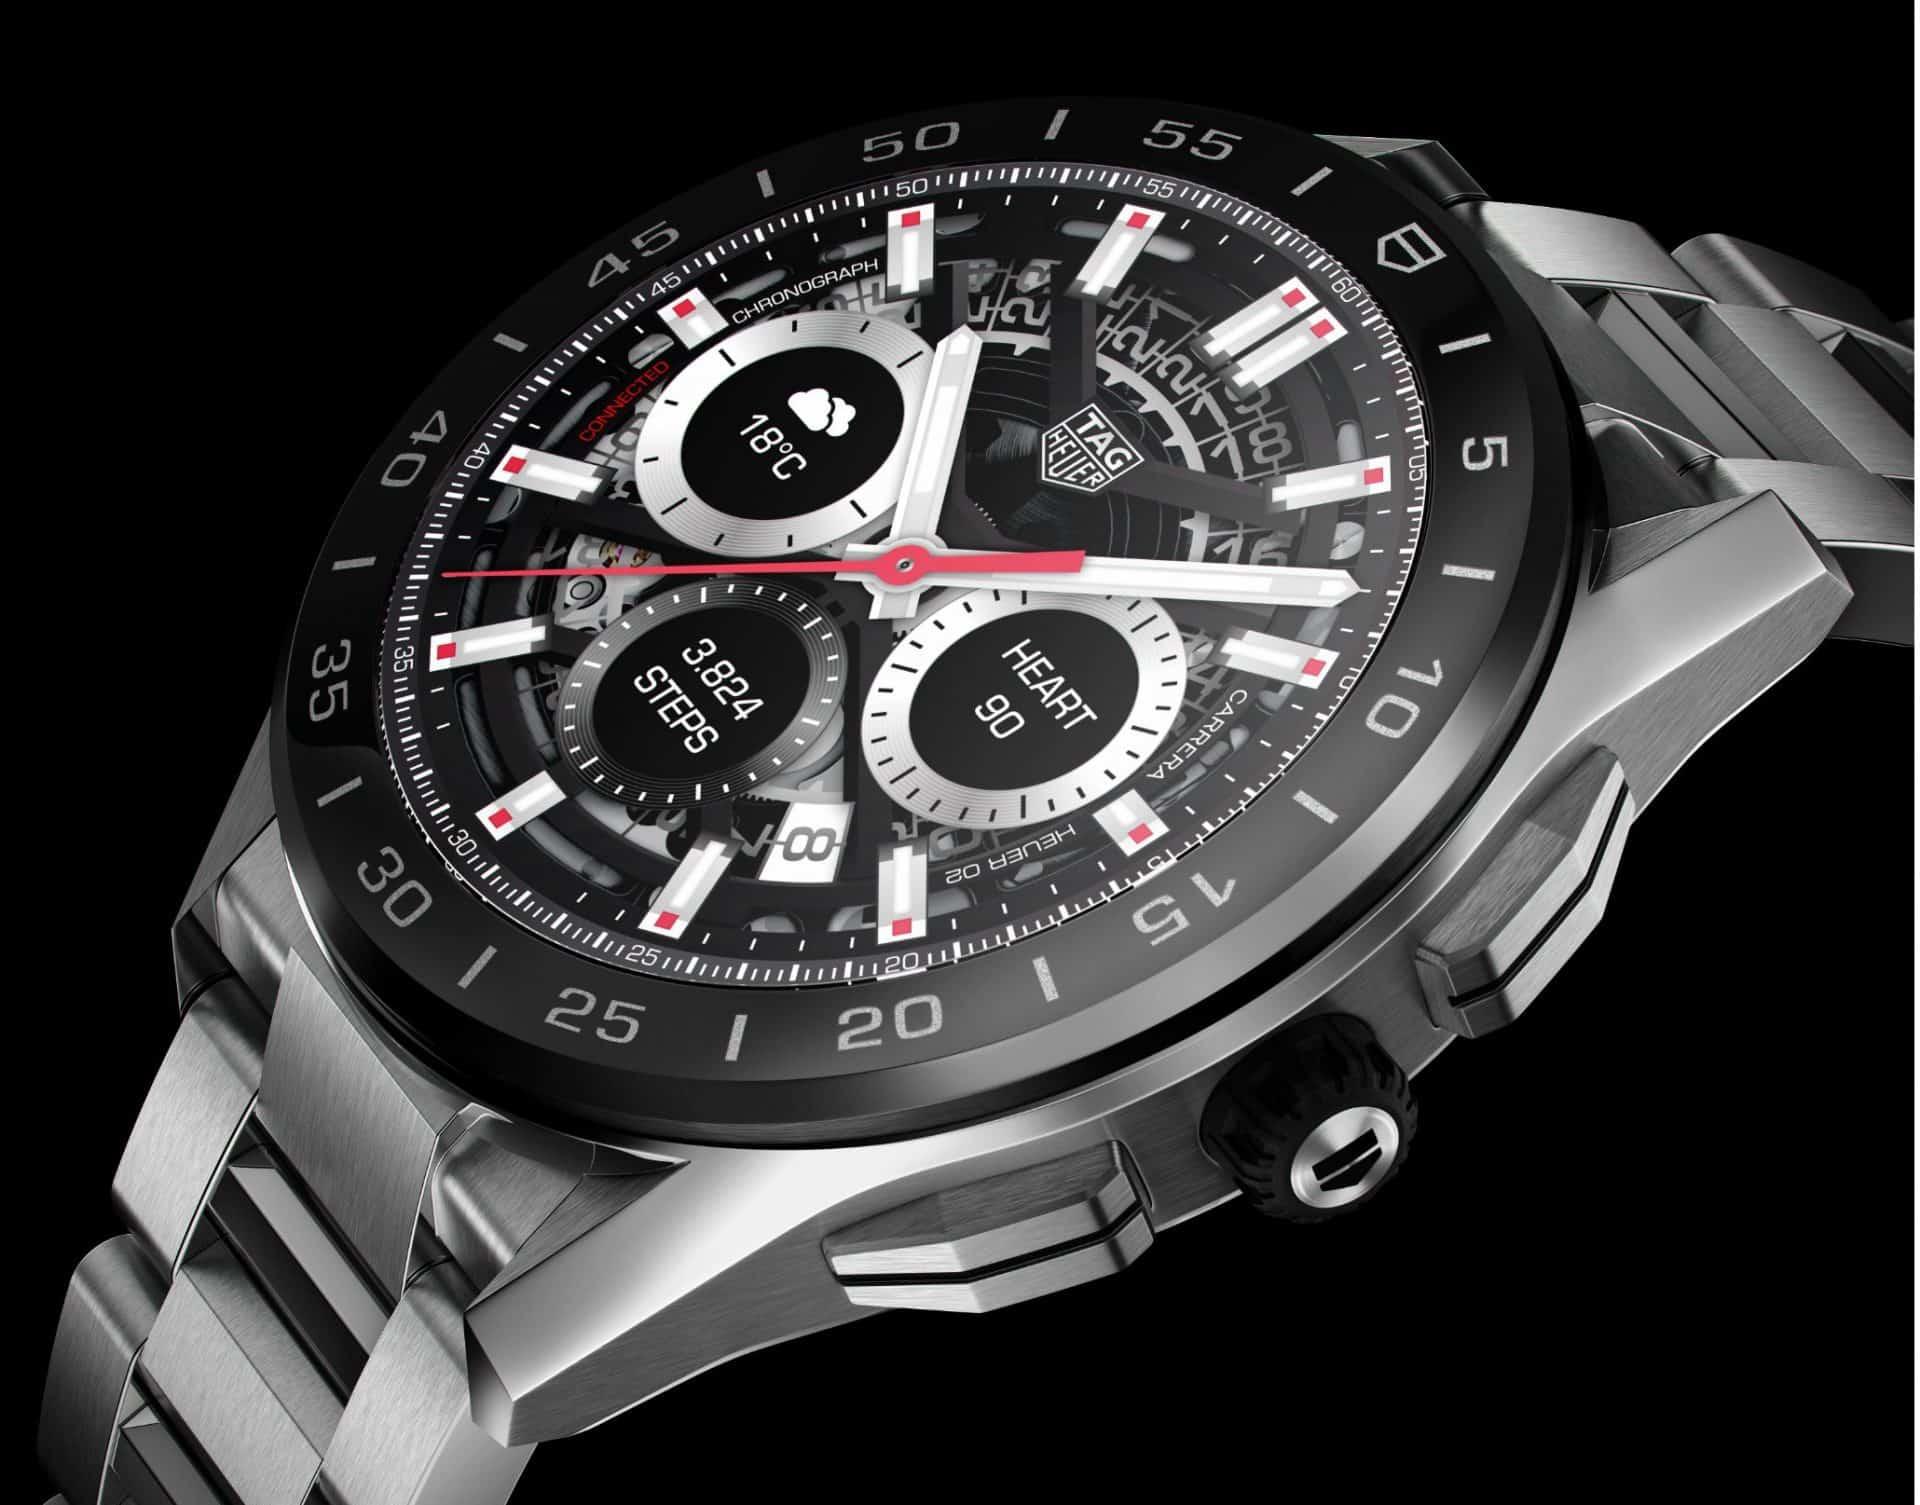 Gehäuse und Stahlband zeigen die Kompetenz des Luxus-Uhrenherstellers